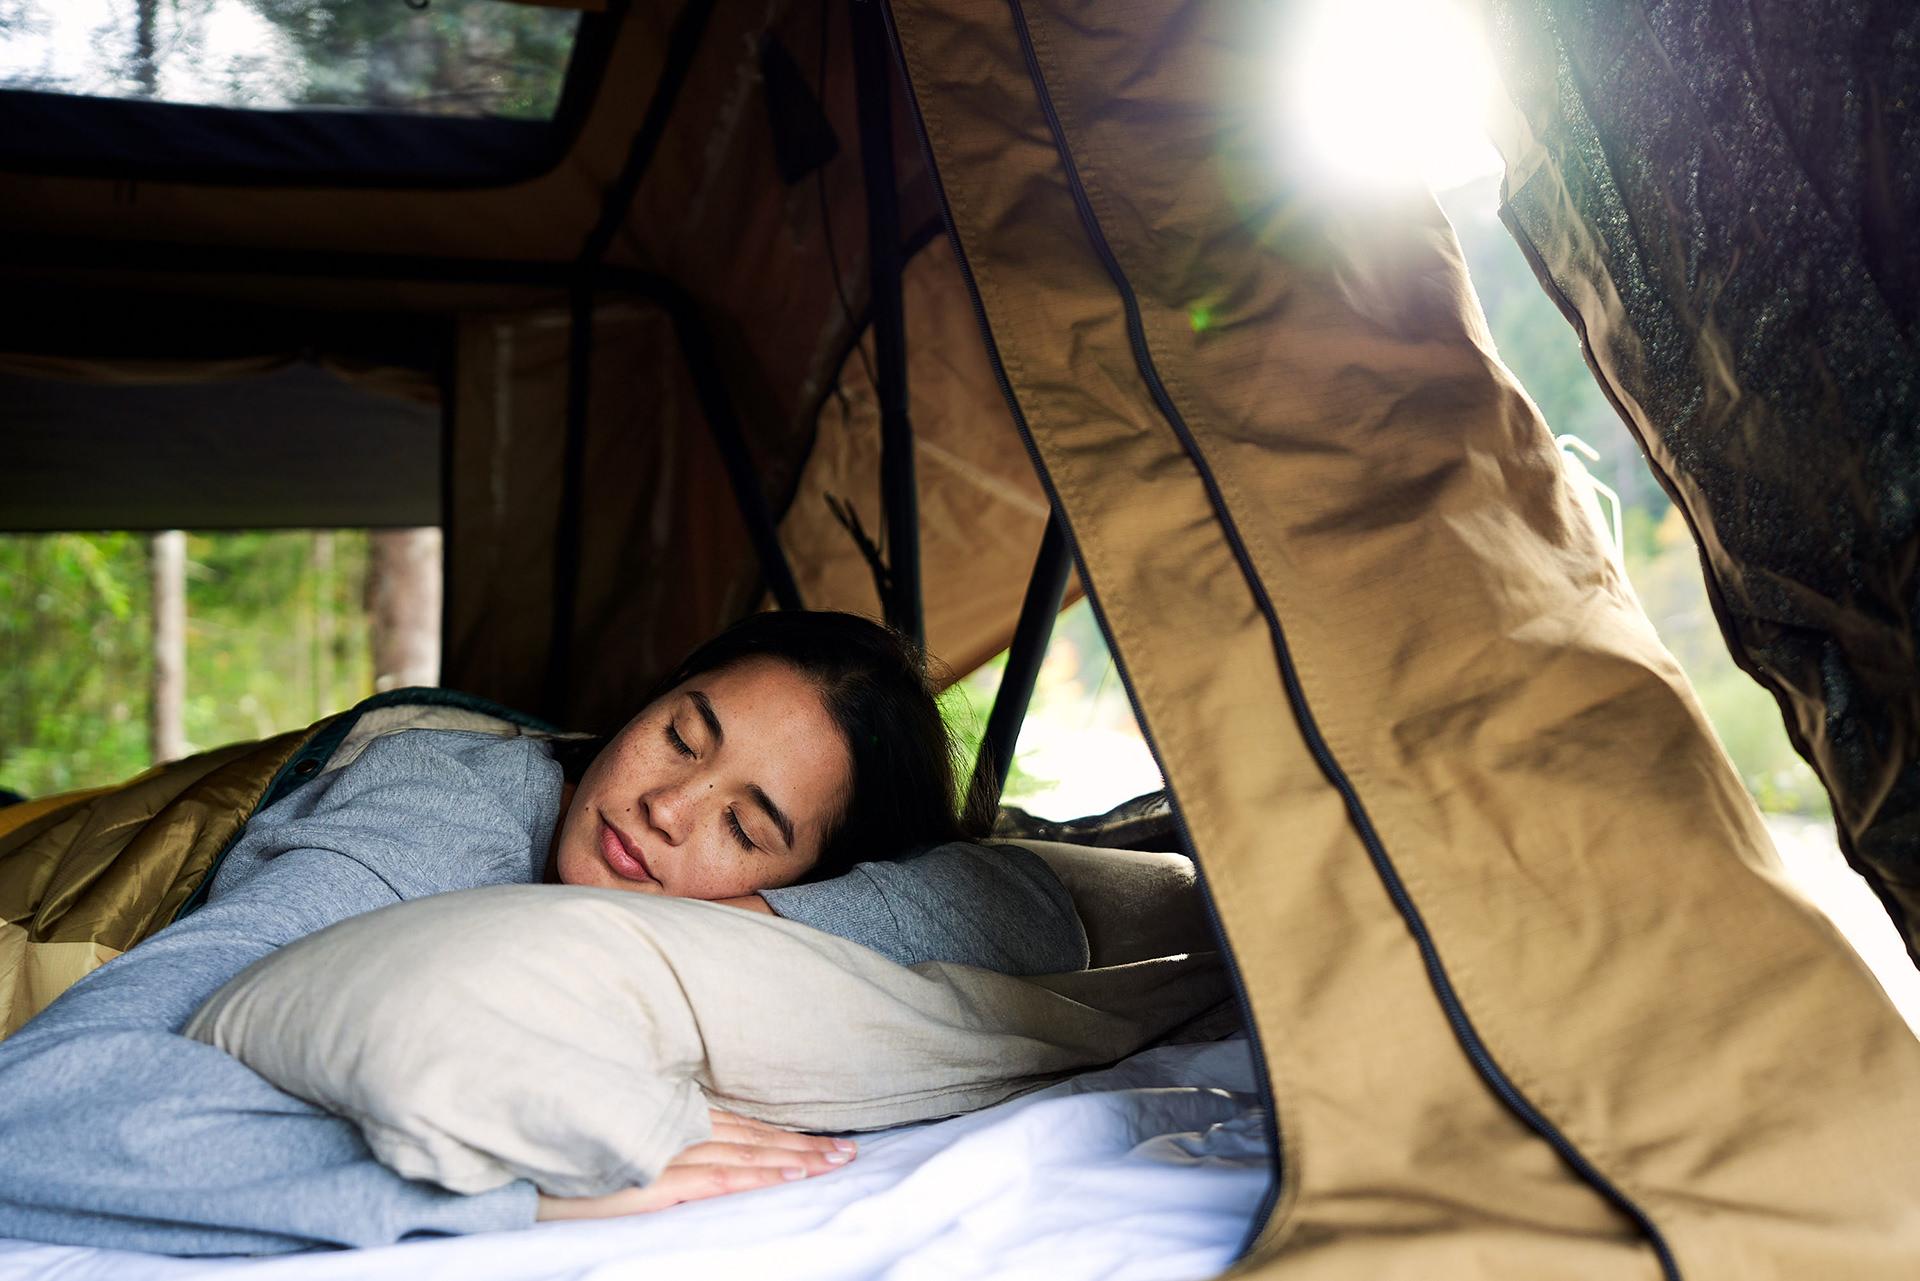 dachzelt-schlafen-frau-gemuetlich-morgen